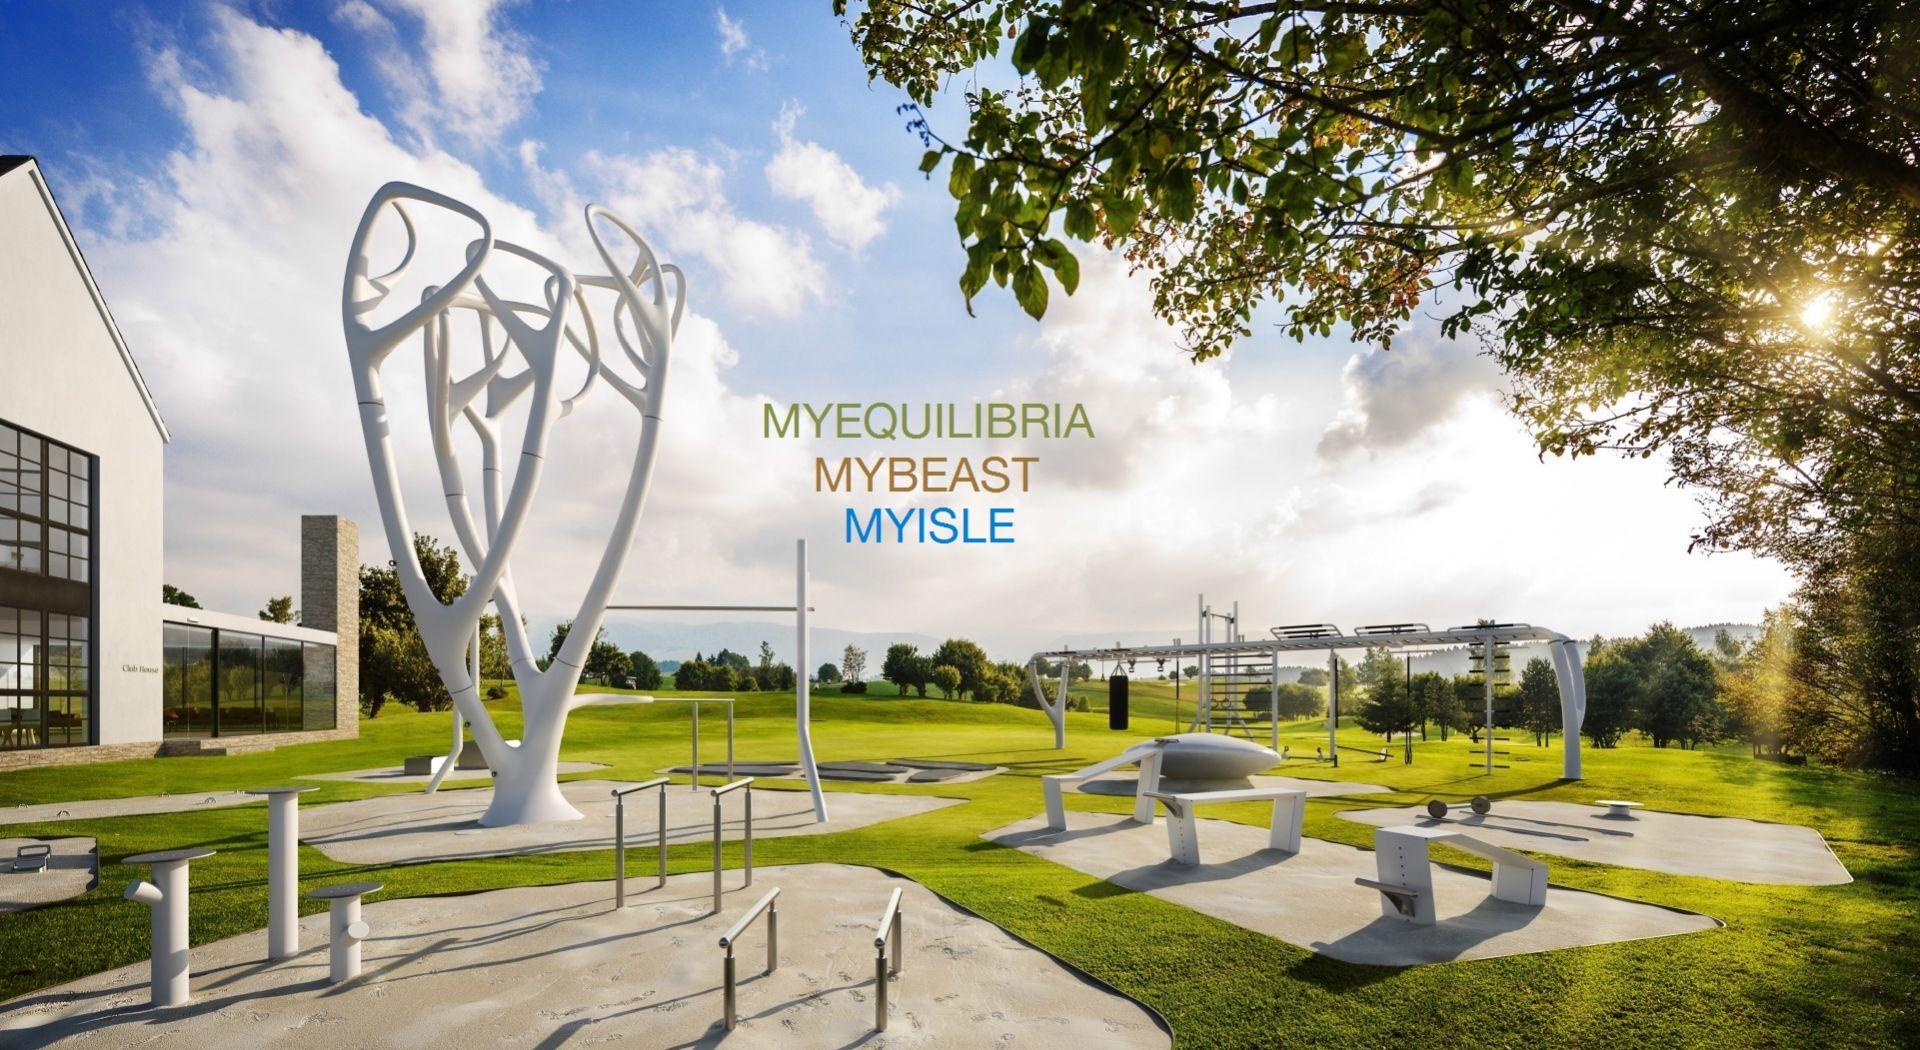 Bienvenue dans l'univers MyEQUILIBRIA la meilleure tendance d'équipements sportifs d'extérieurs et connectés